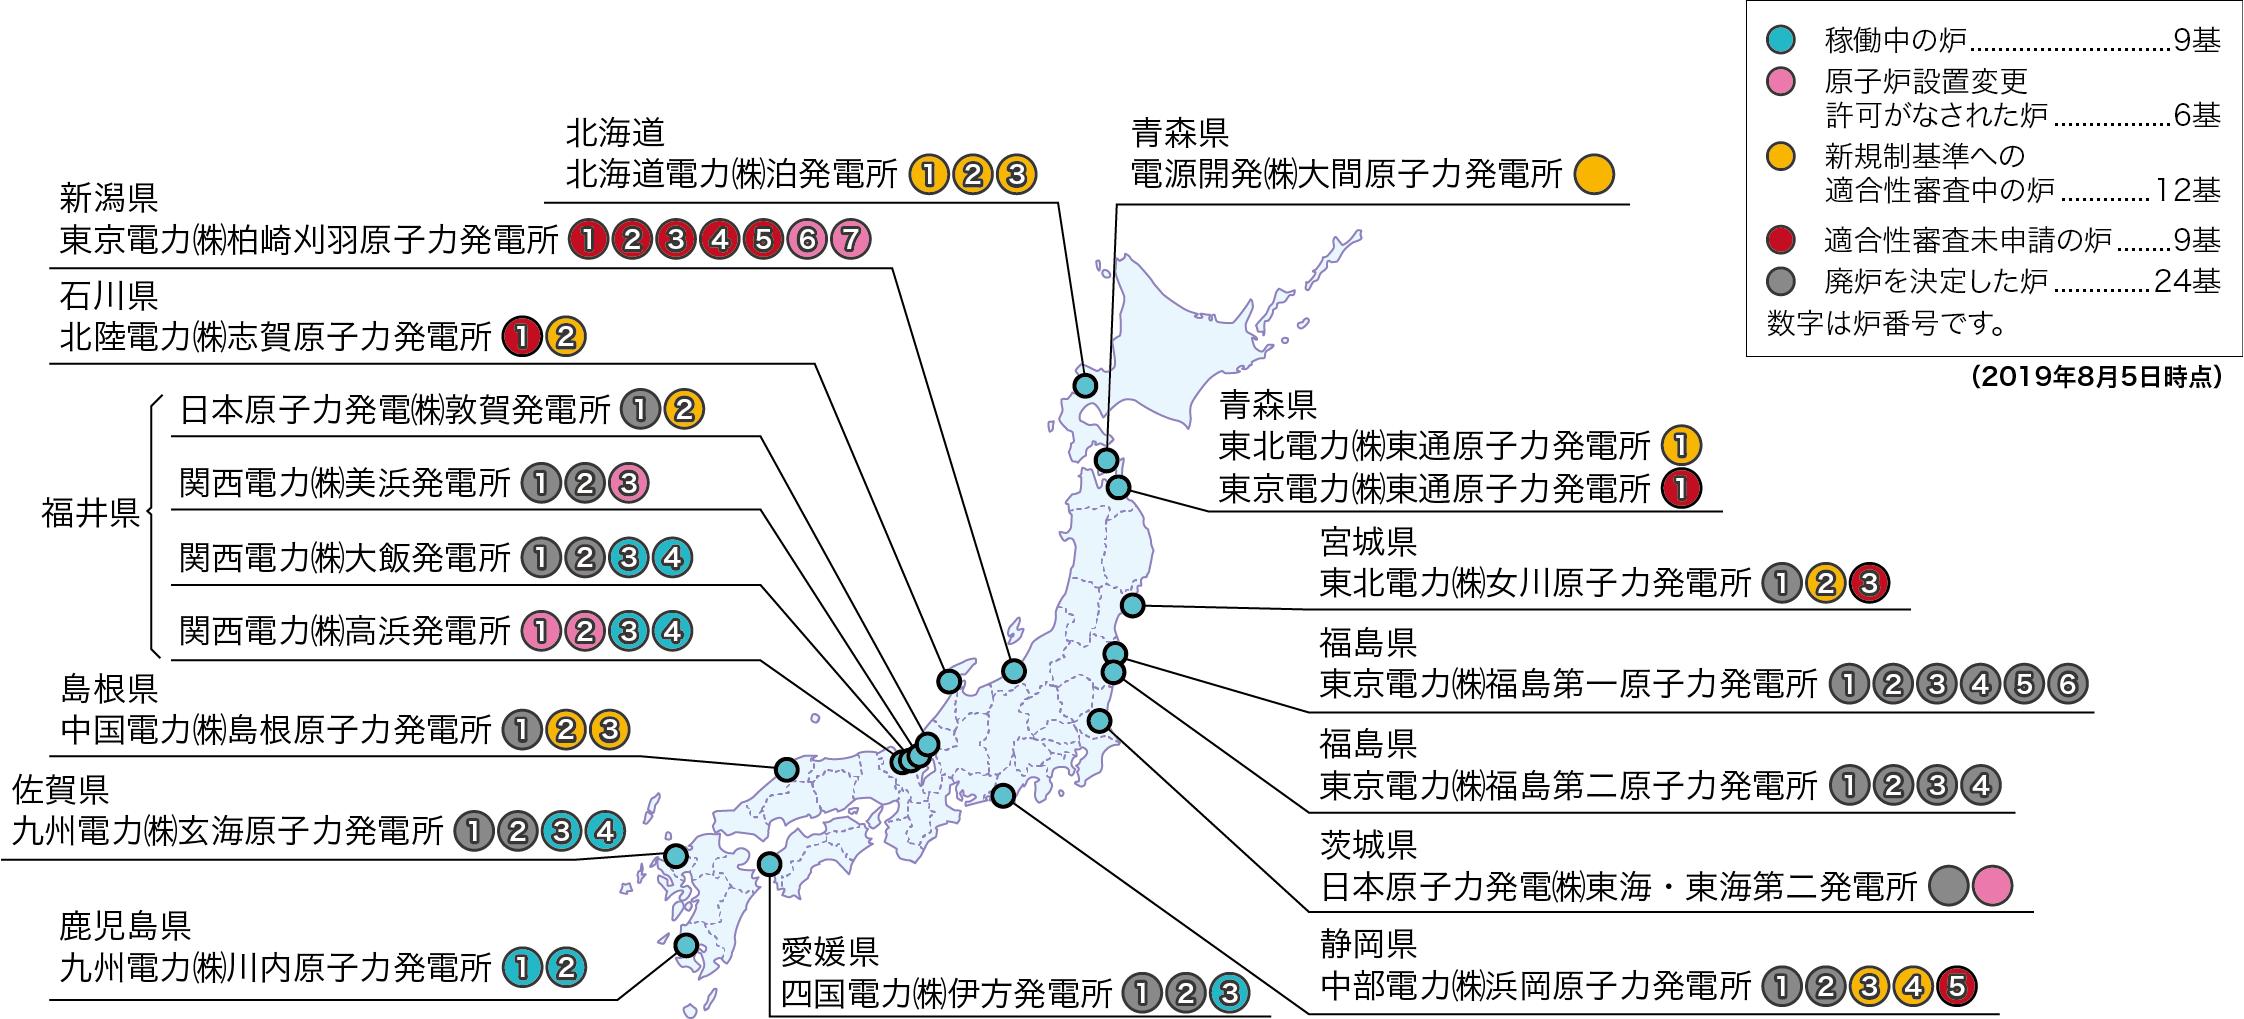 日本の原子力発電所稼働状況